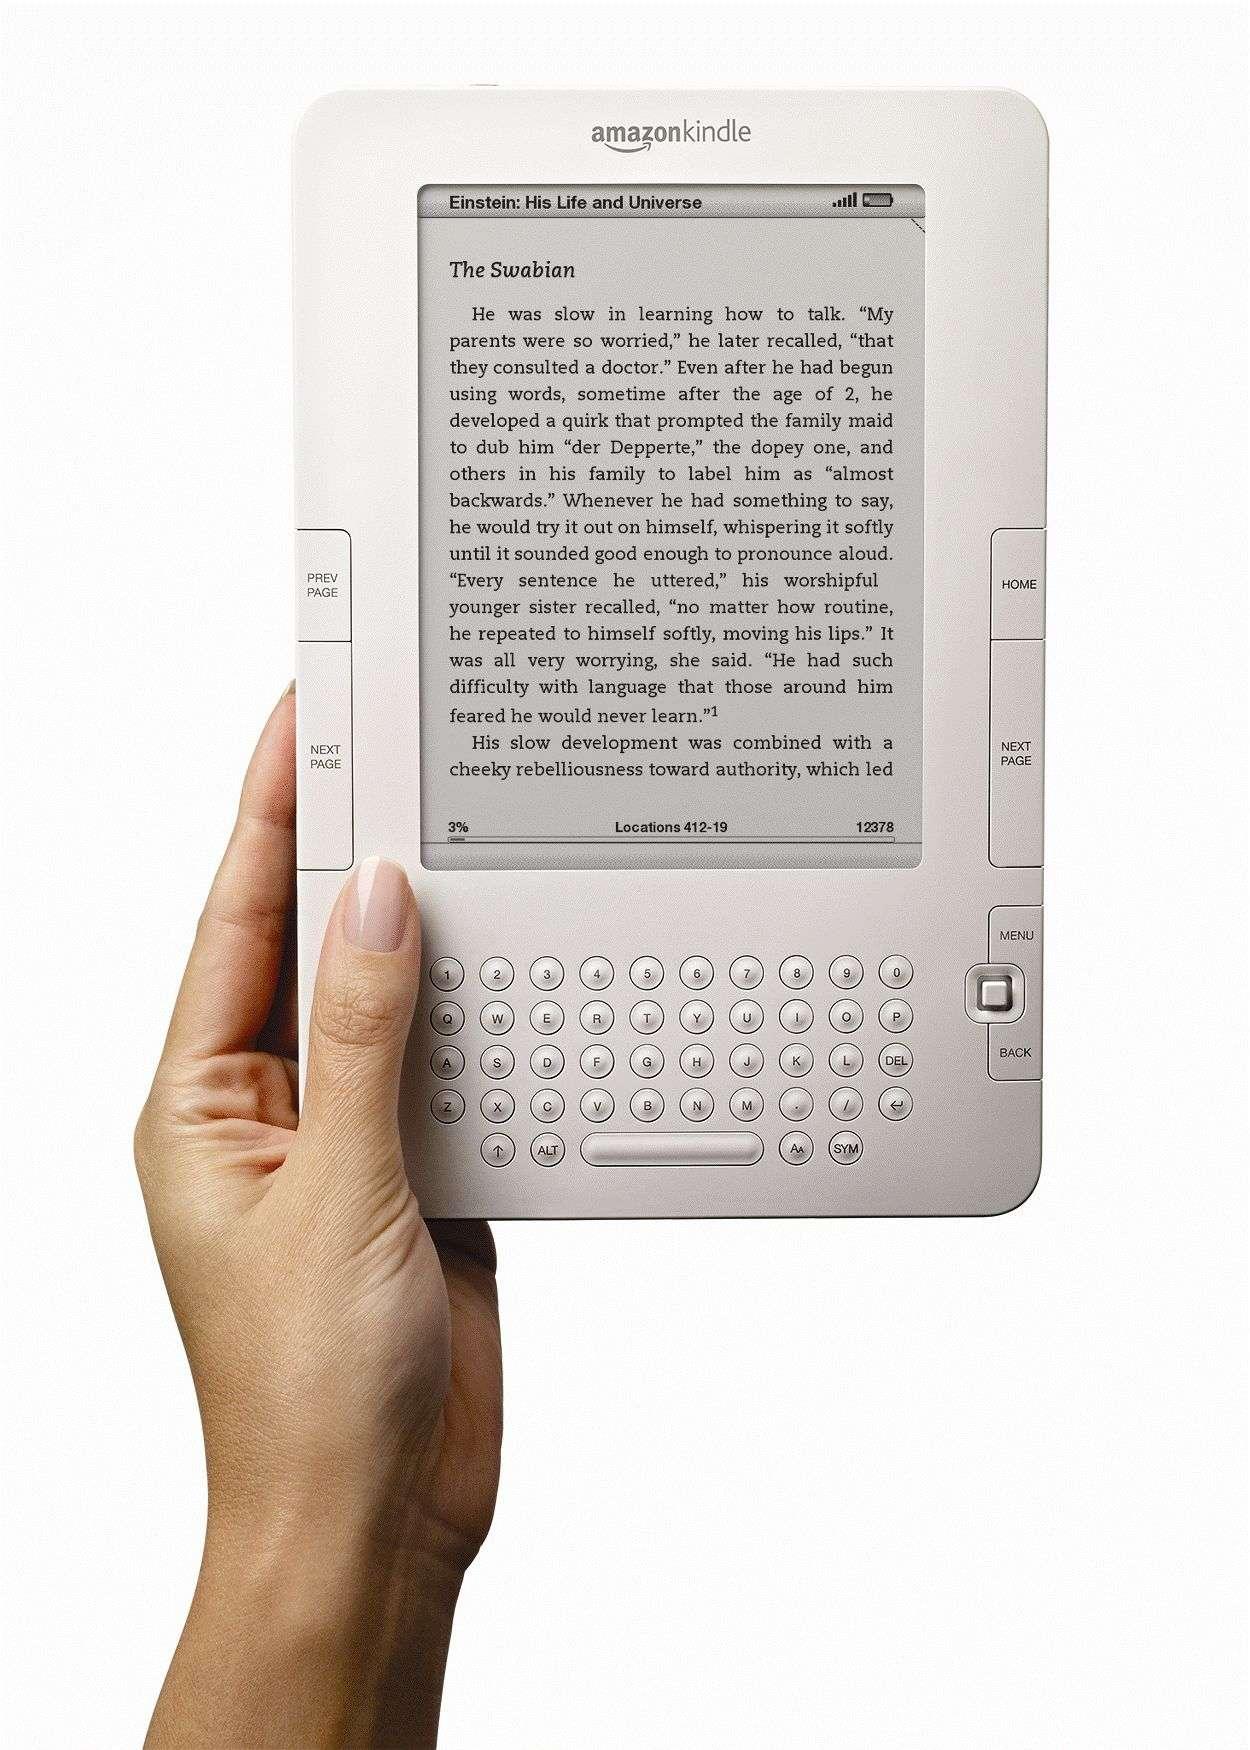 Le Kindle, un cadeau assez fréquent sous les sapins selon Amazon. © DR